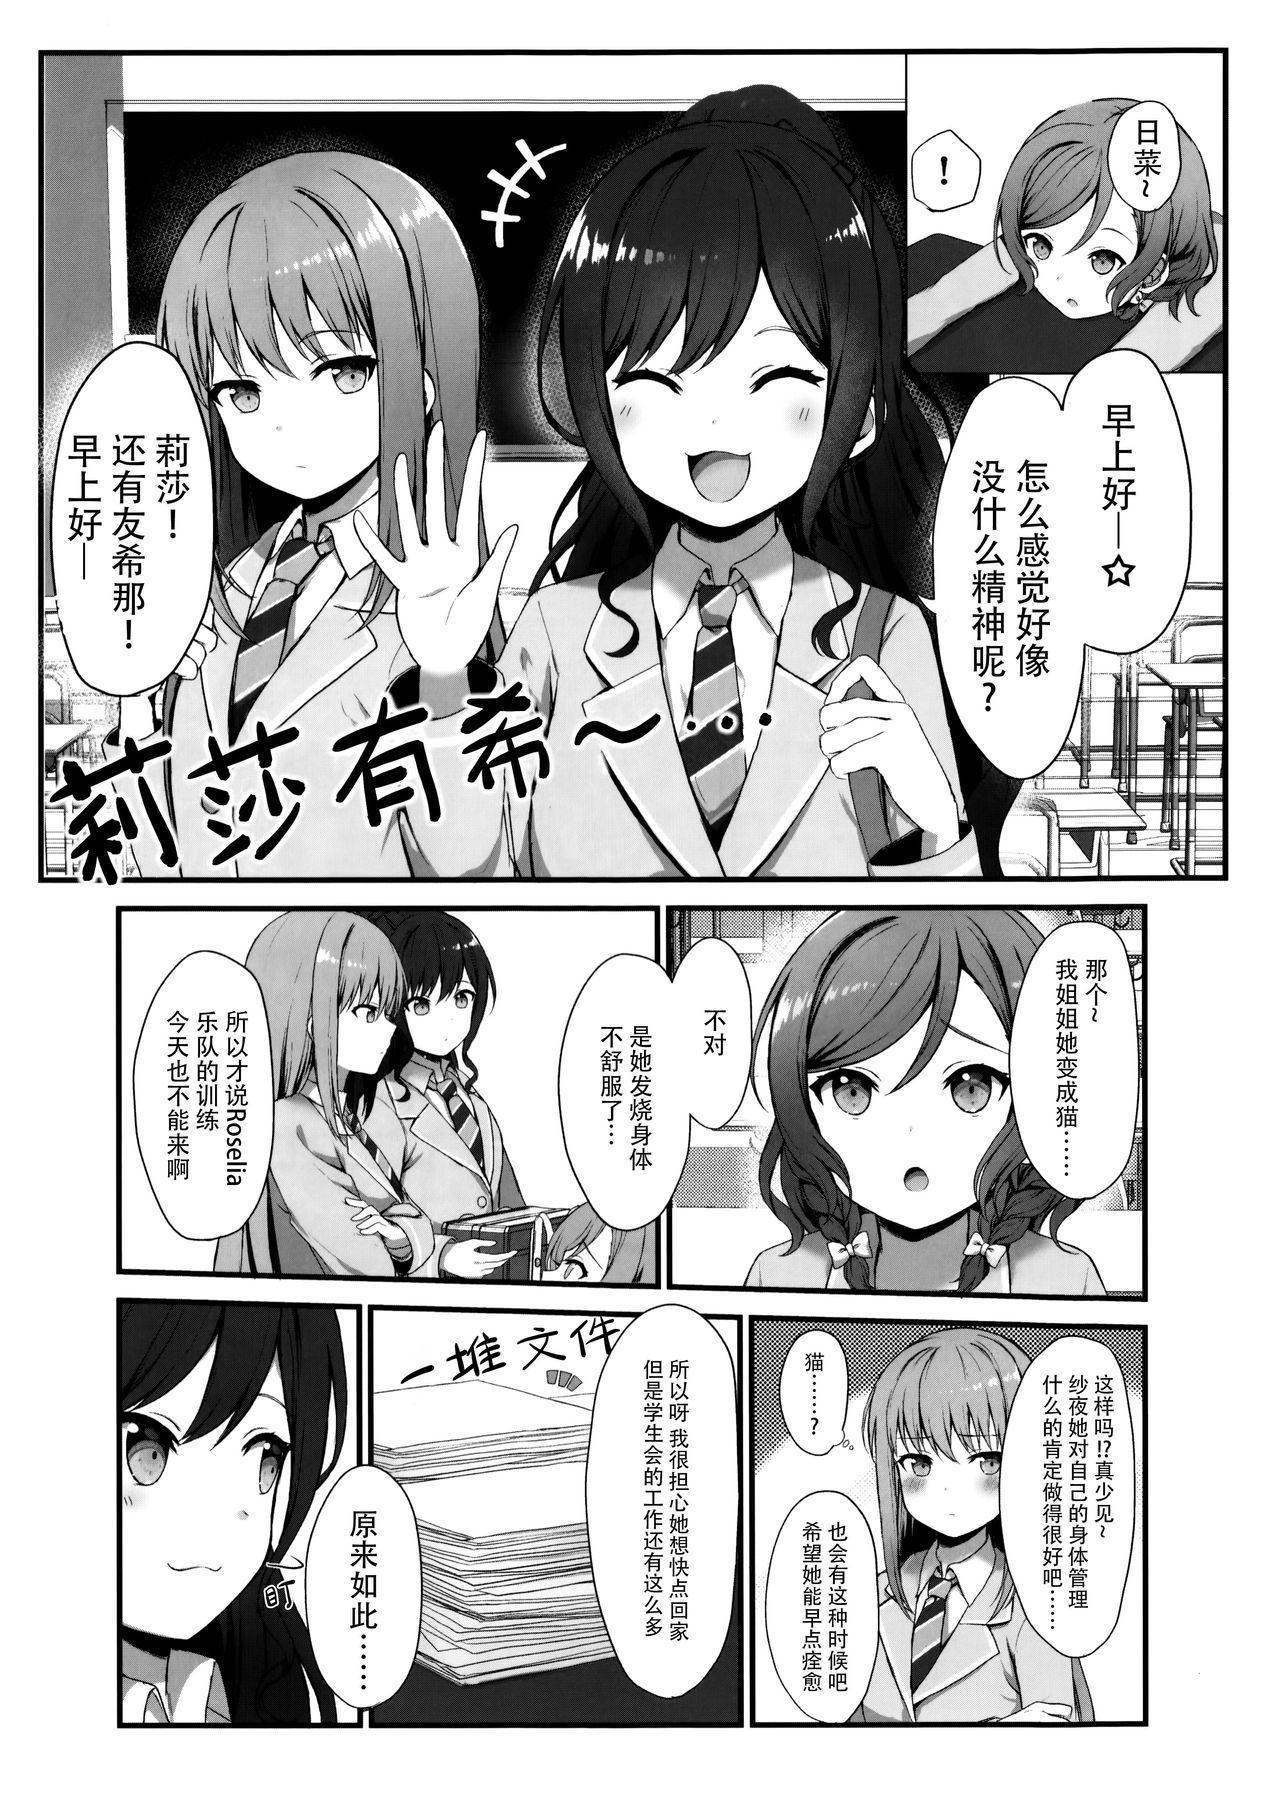 Onee-chan wa Atashi no Neko 8